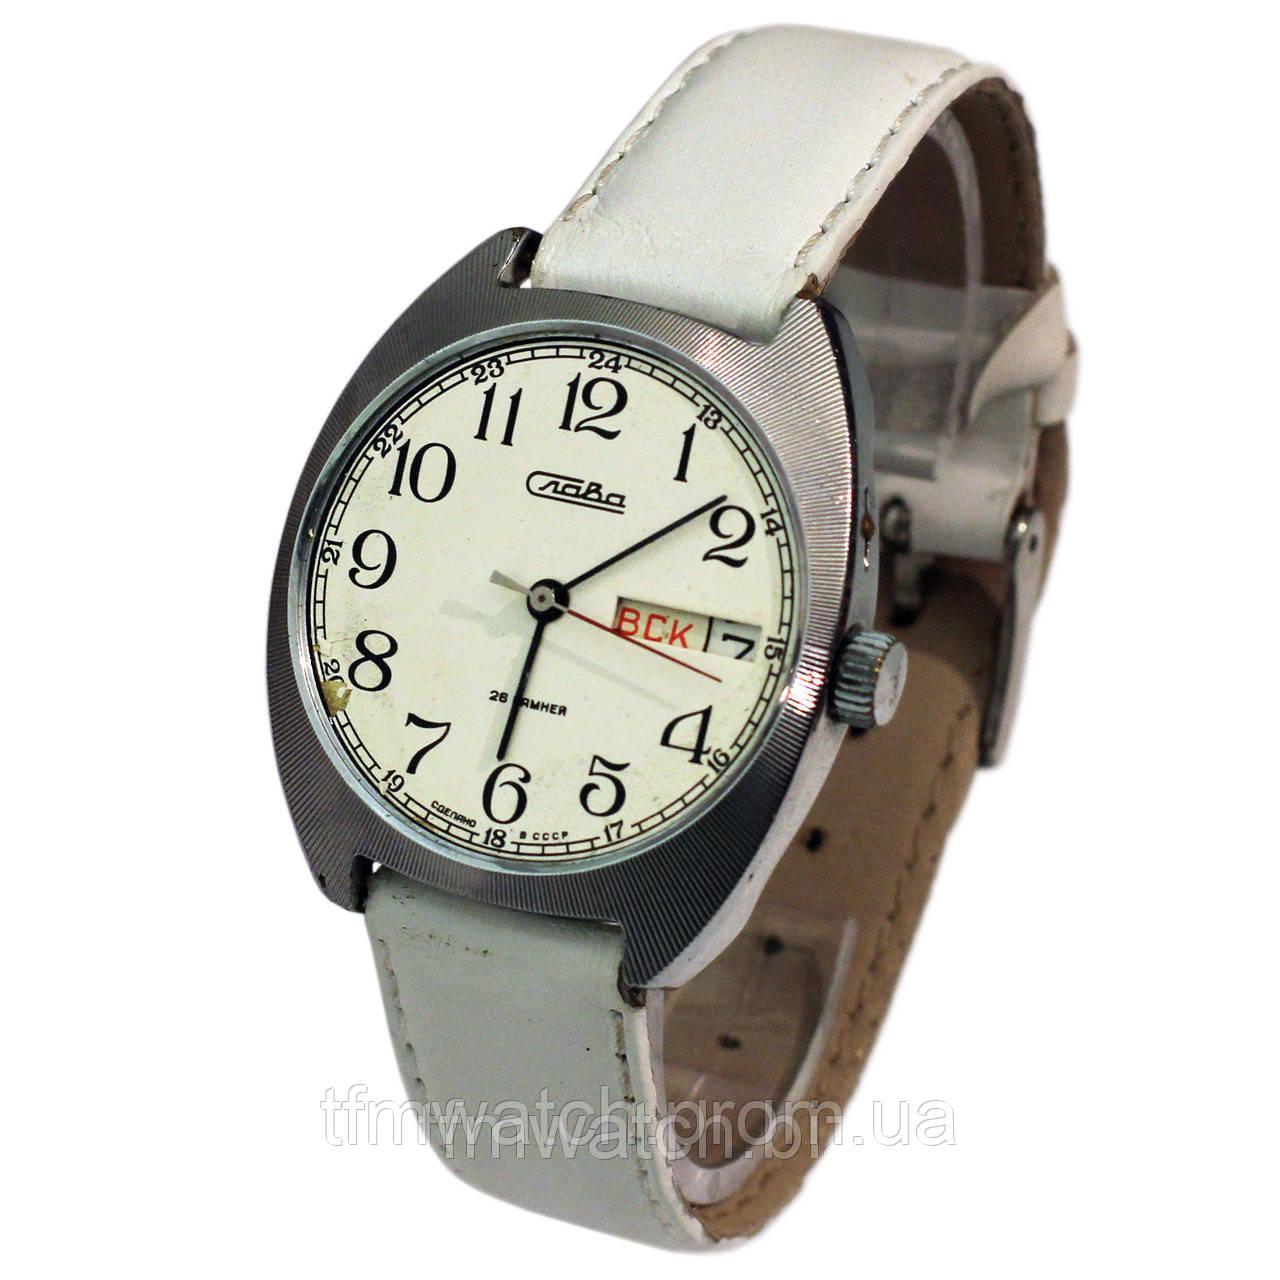 26 слава камней часы продать ломбард ростов часы